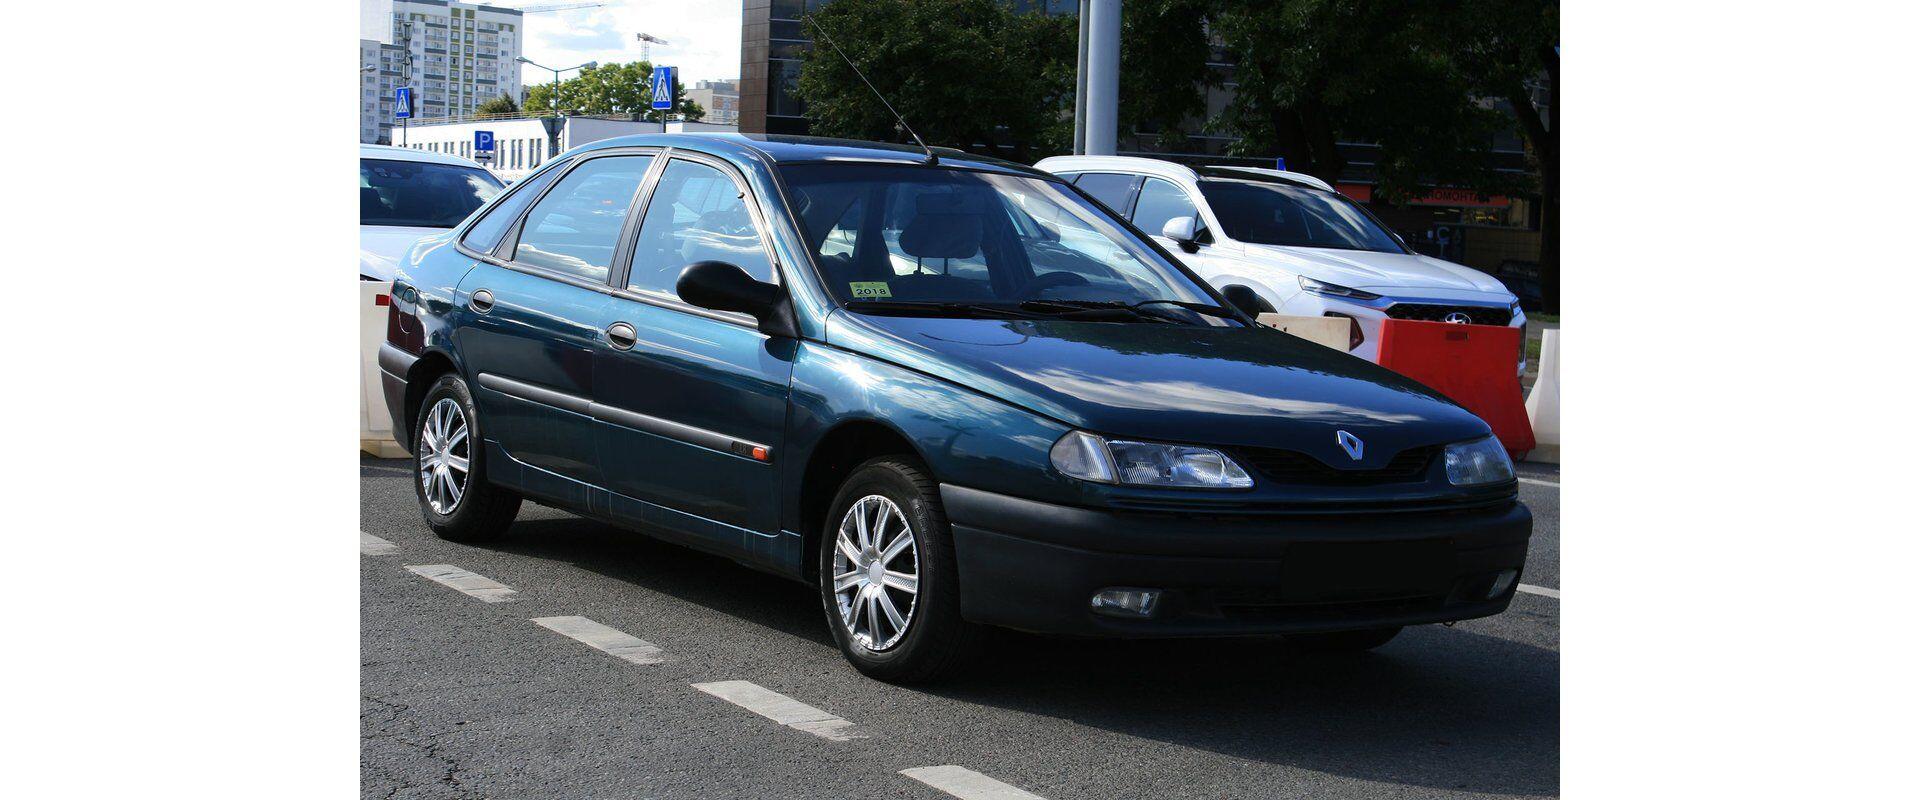 Renault Laguna (1997)